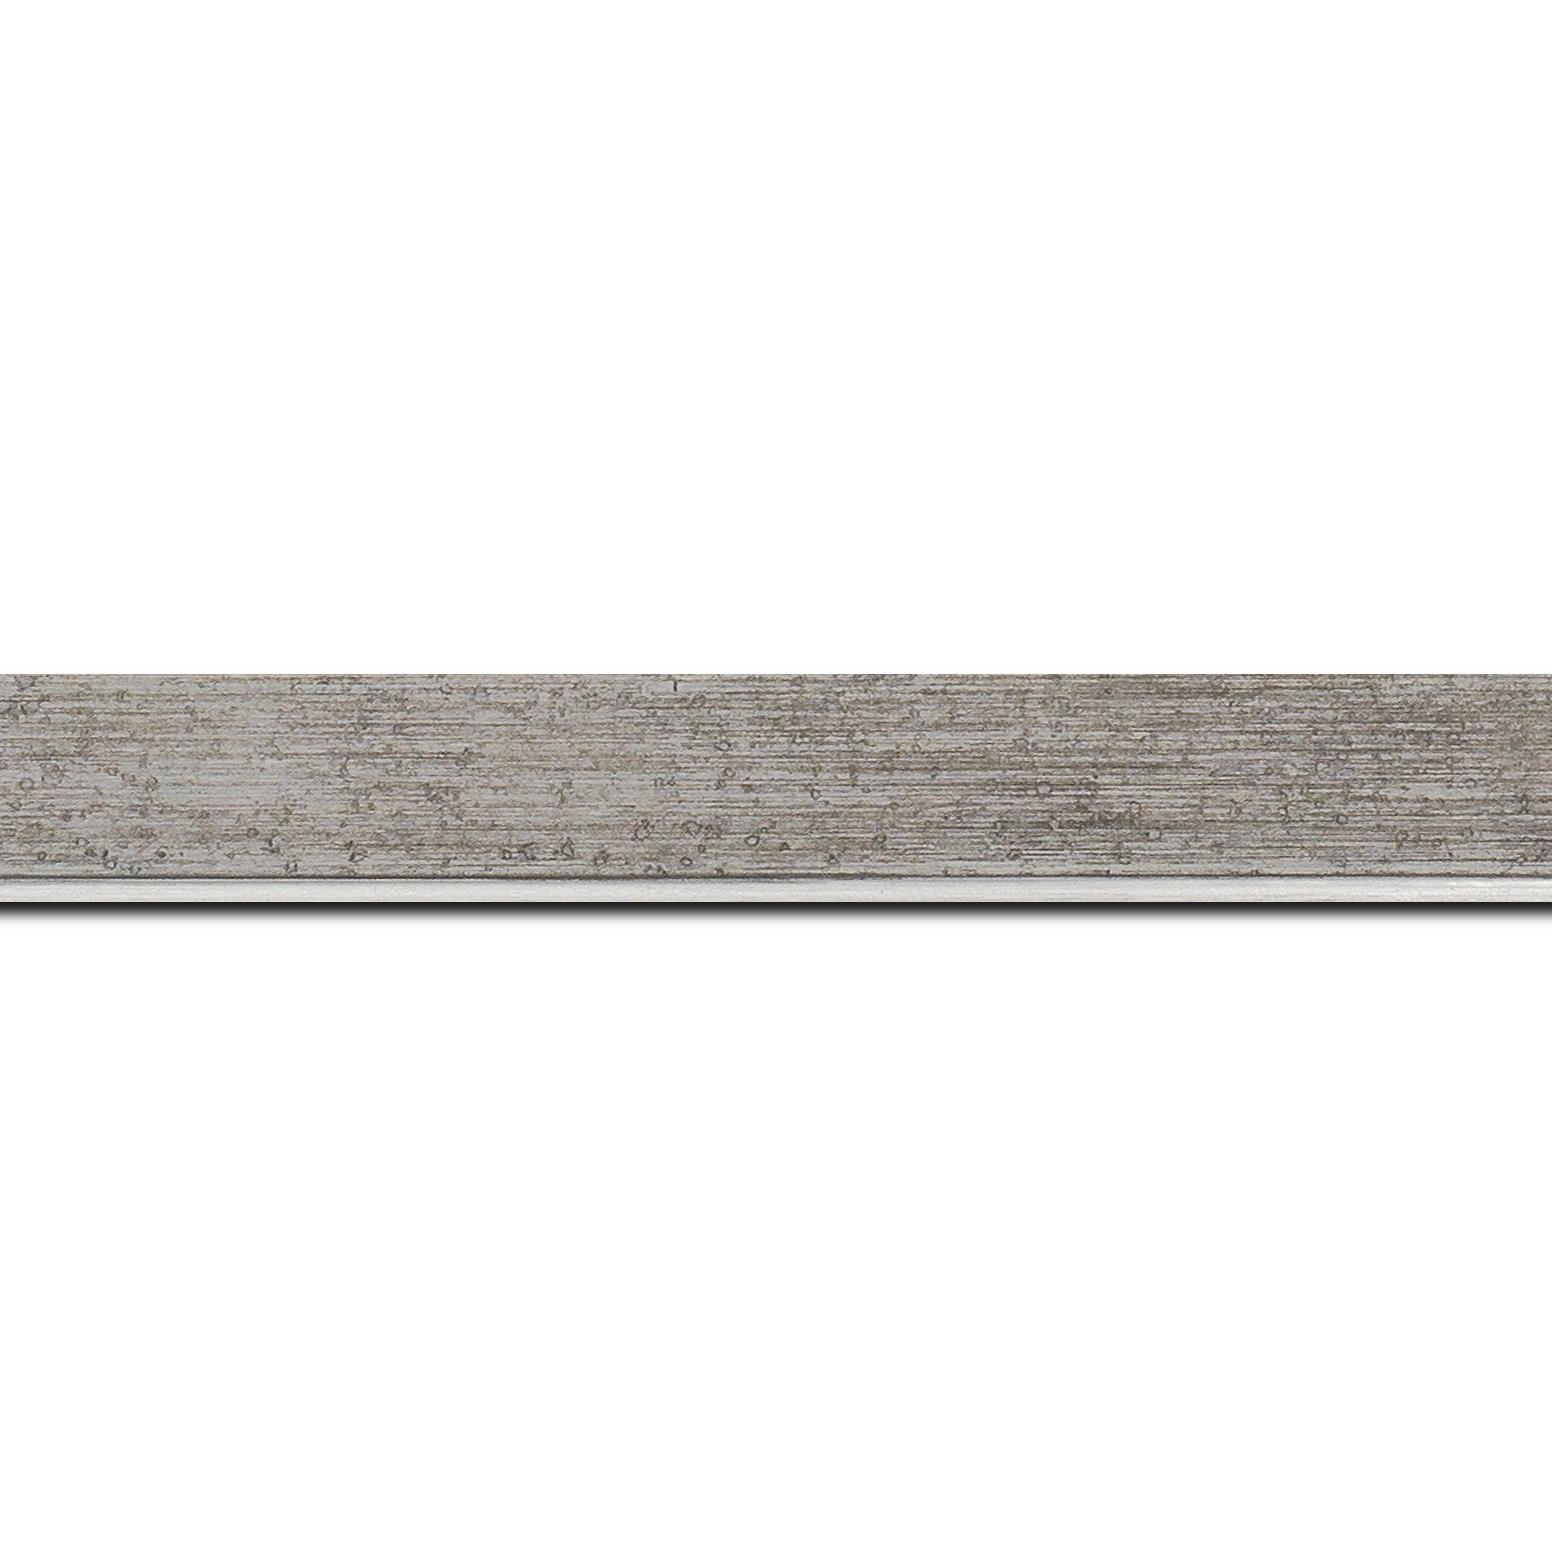 Baguette longueur 1.40m bois profil incliné en pente largeur 2.5cm couleur argent patiné filet argent